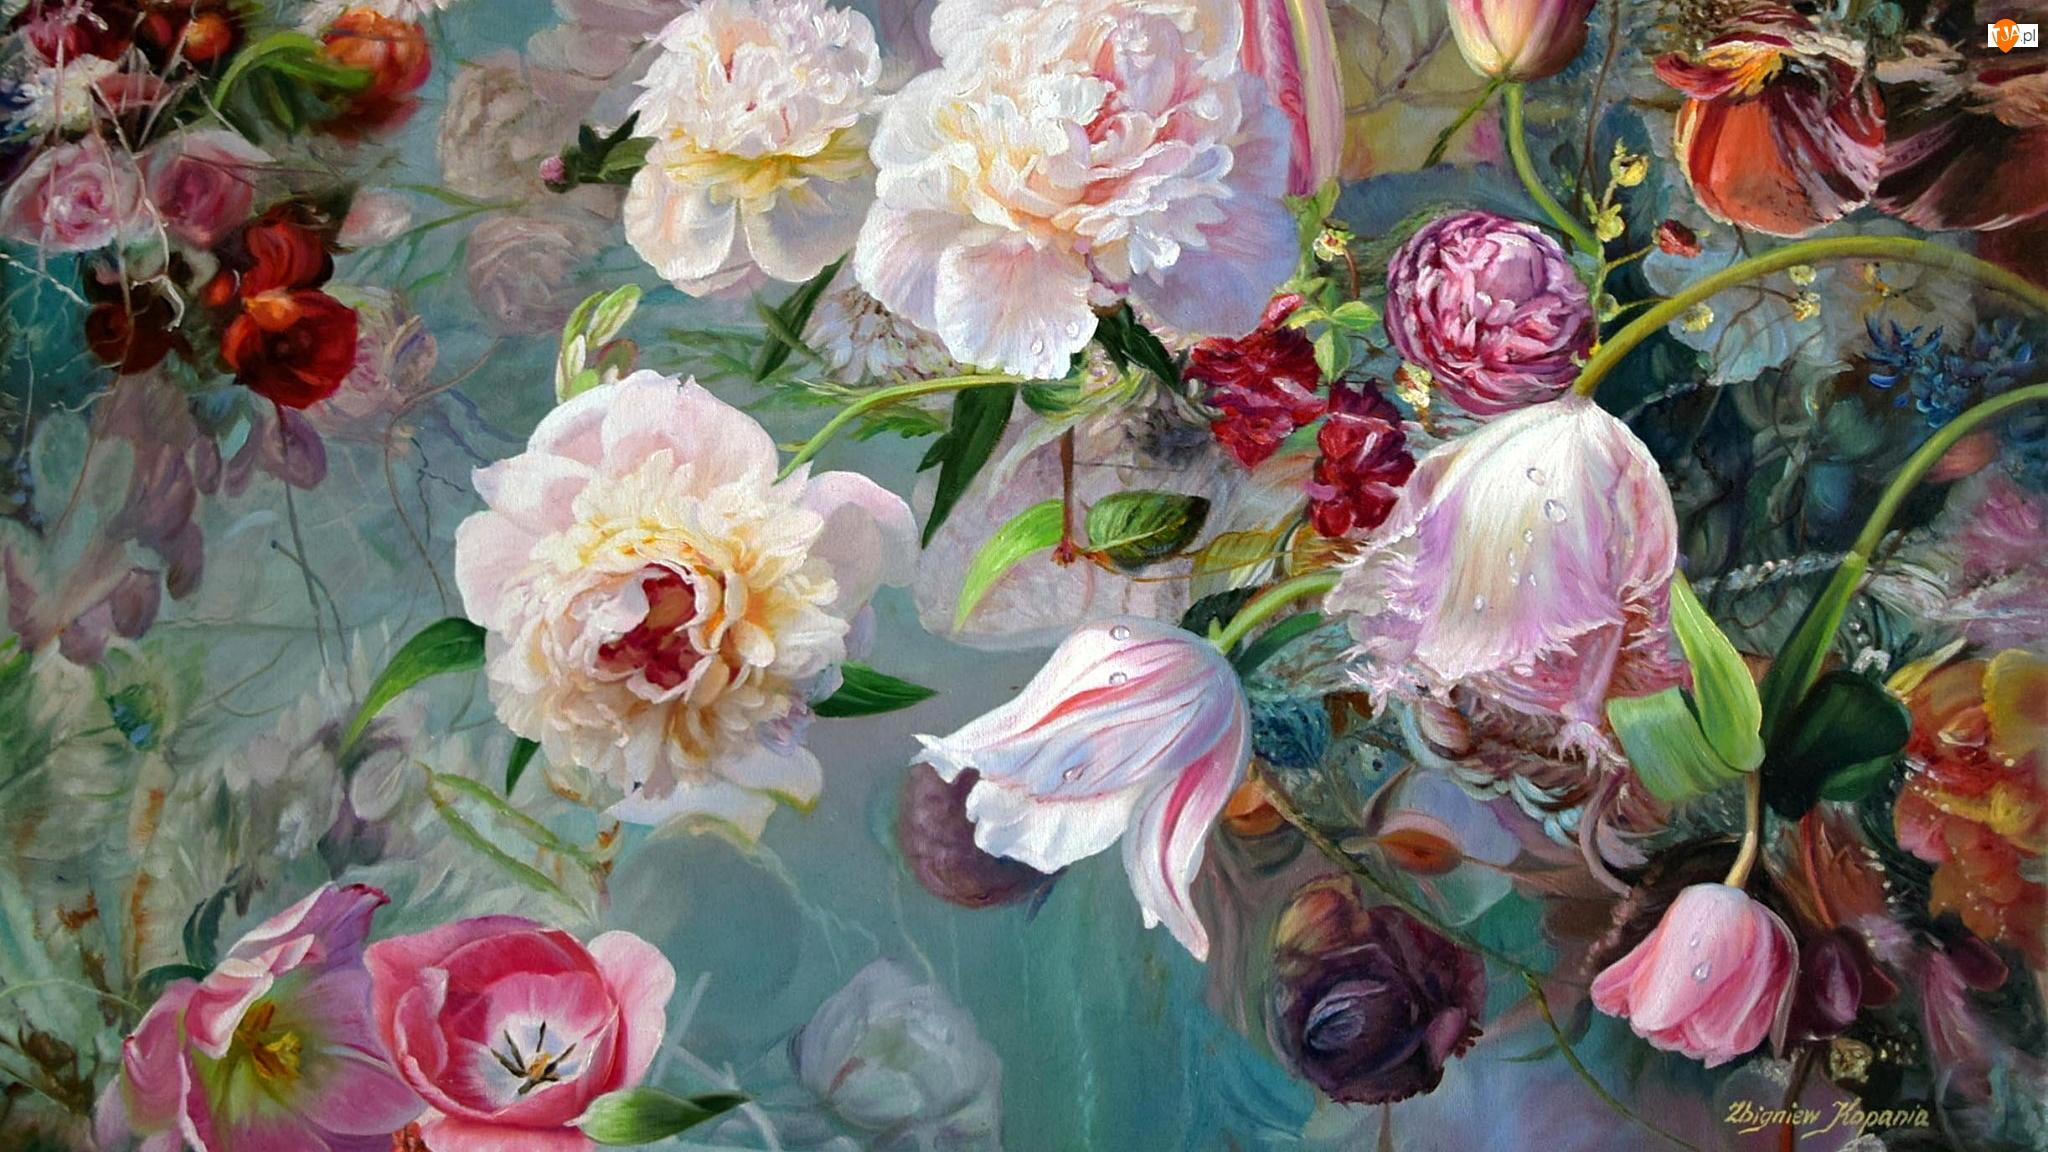 Obraz, Zbigniew Kopania, Piwonie, Malarstwo, Tulipany, Róże, Kwiaty